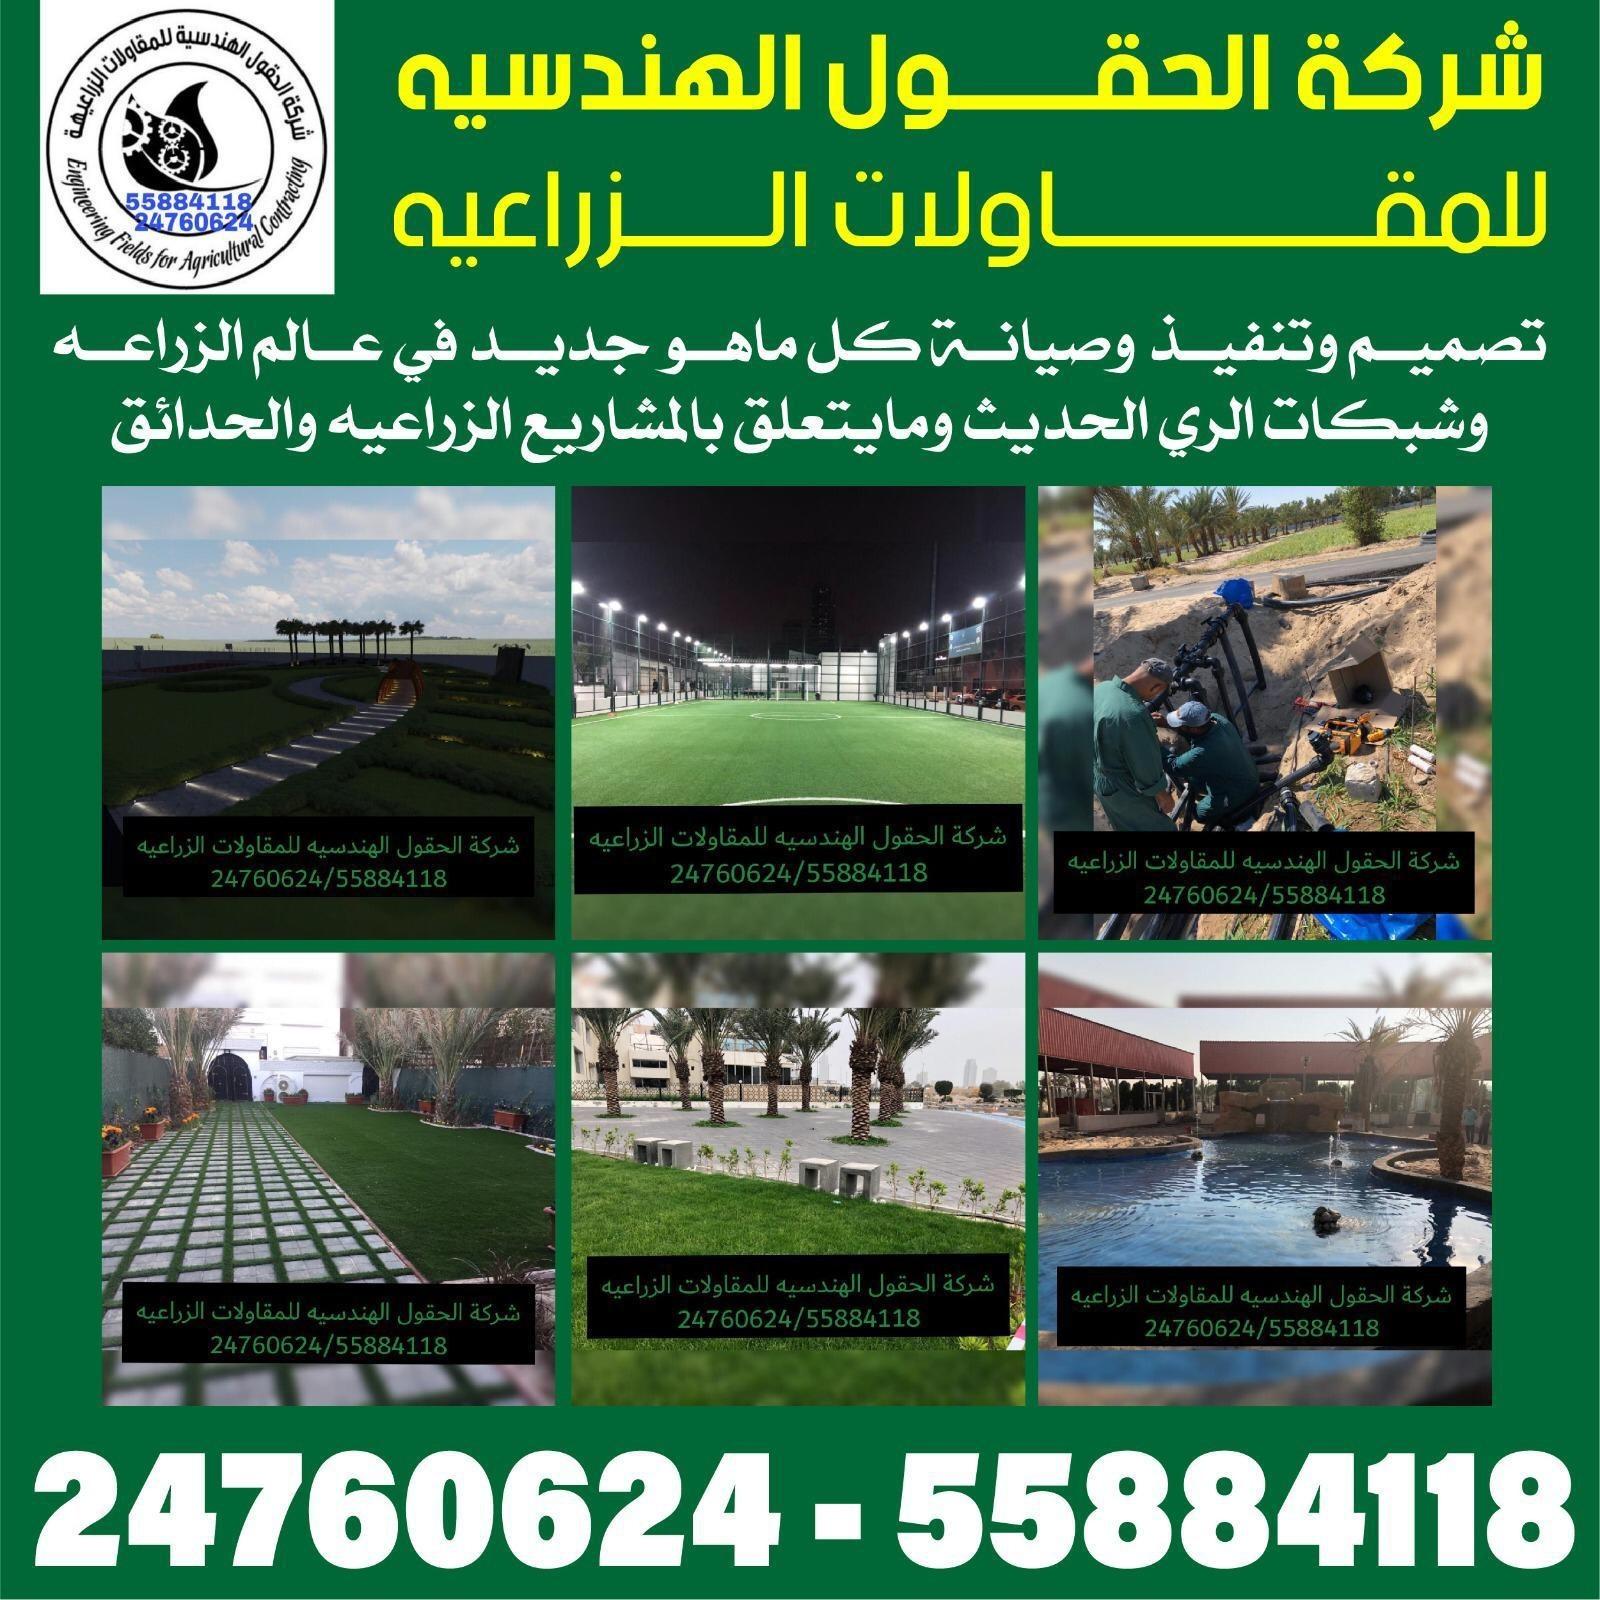 شركة الحقول الهندسية للمقاولات الزراعية